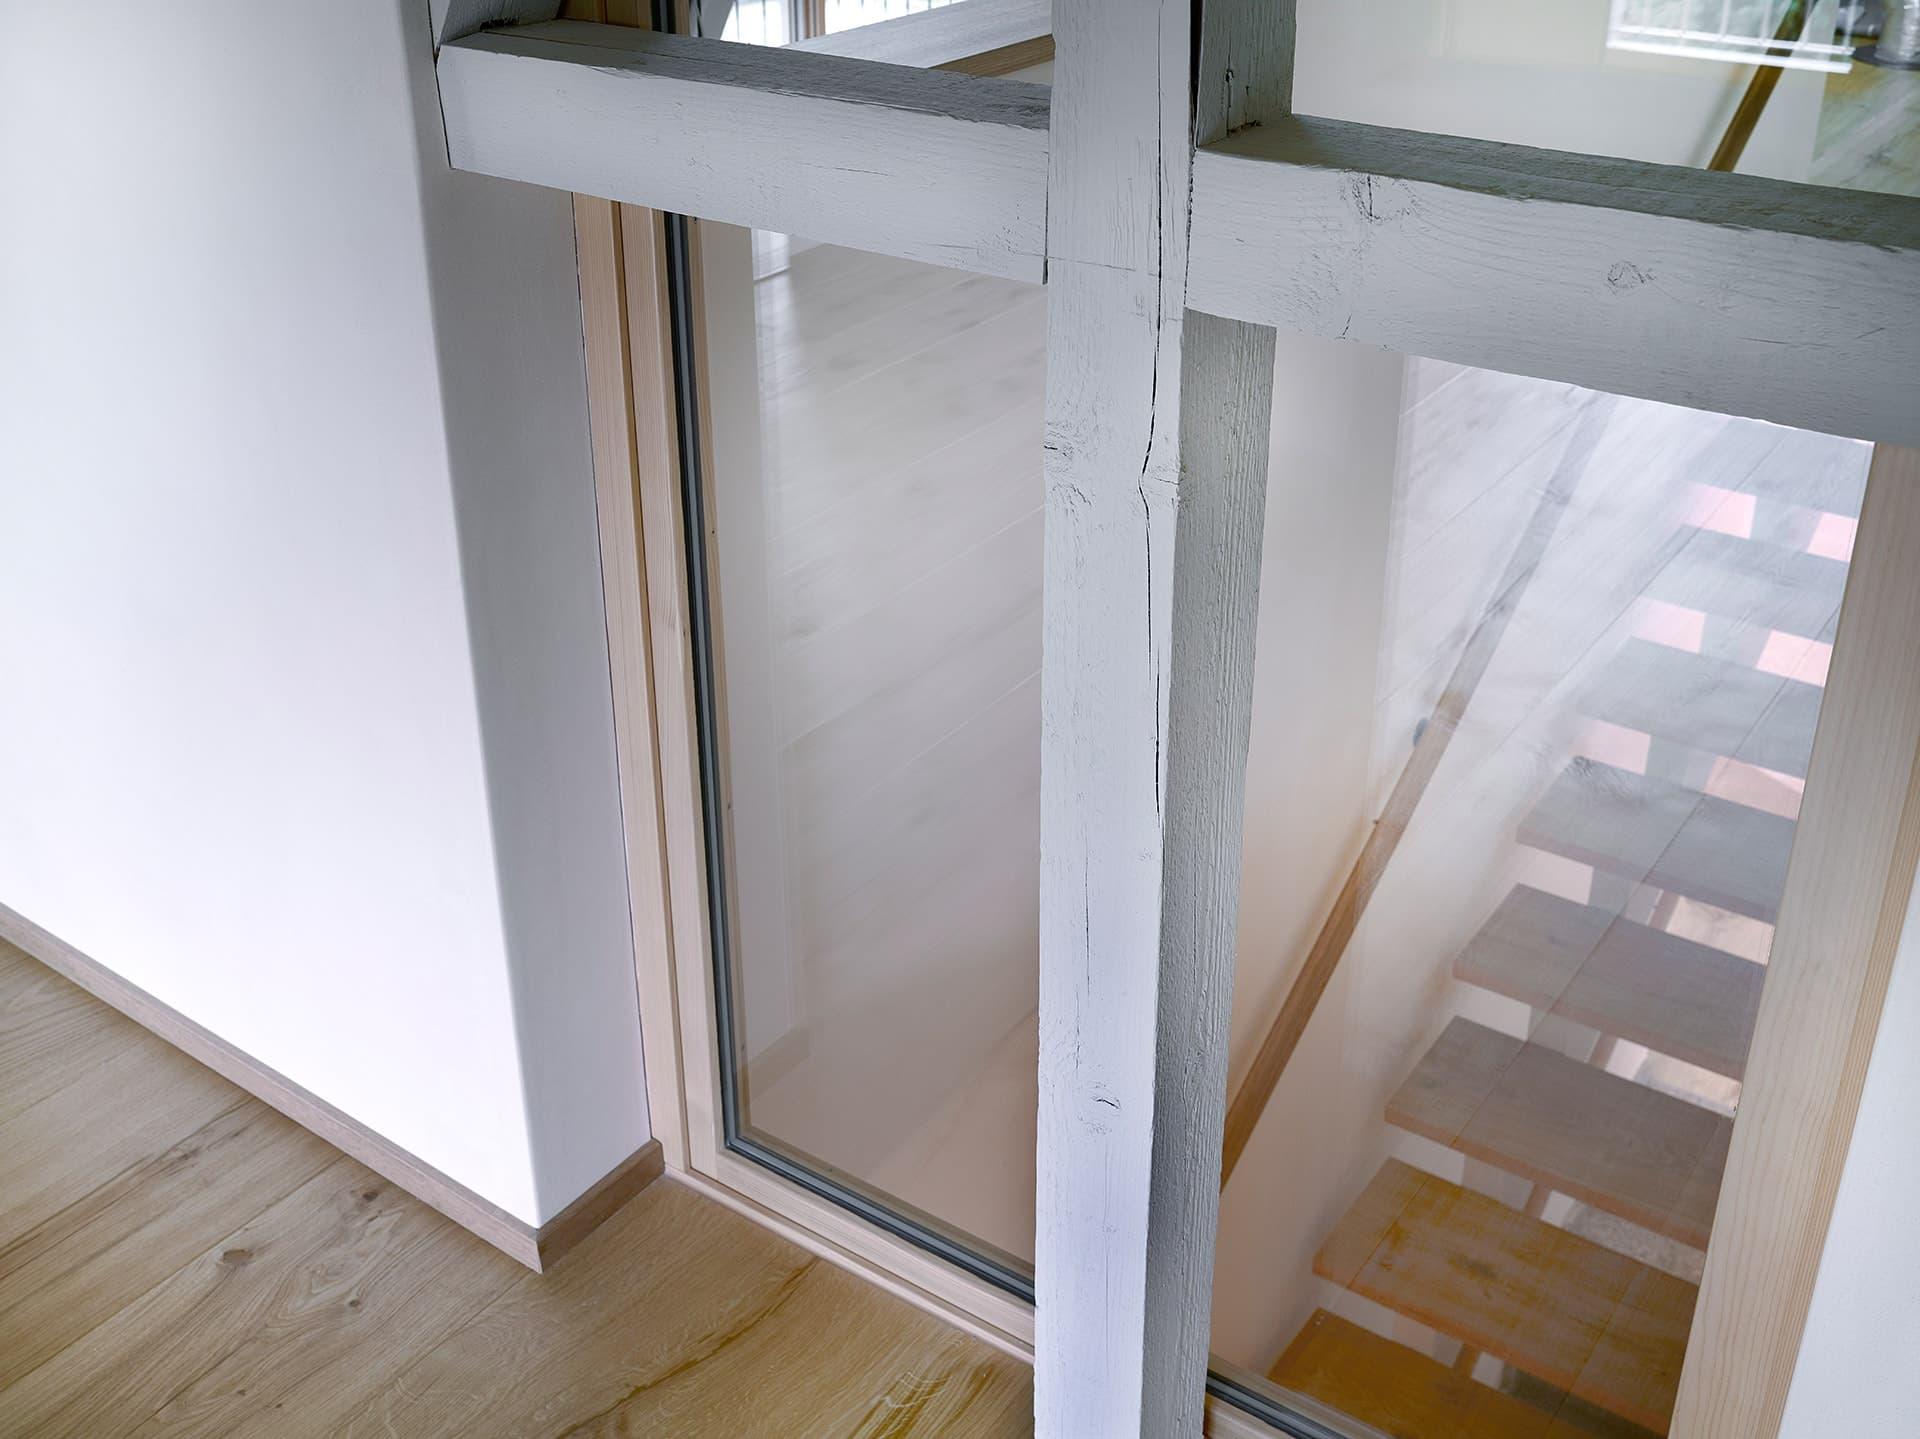 venuti-architects_CF003650-1